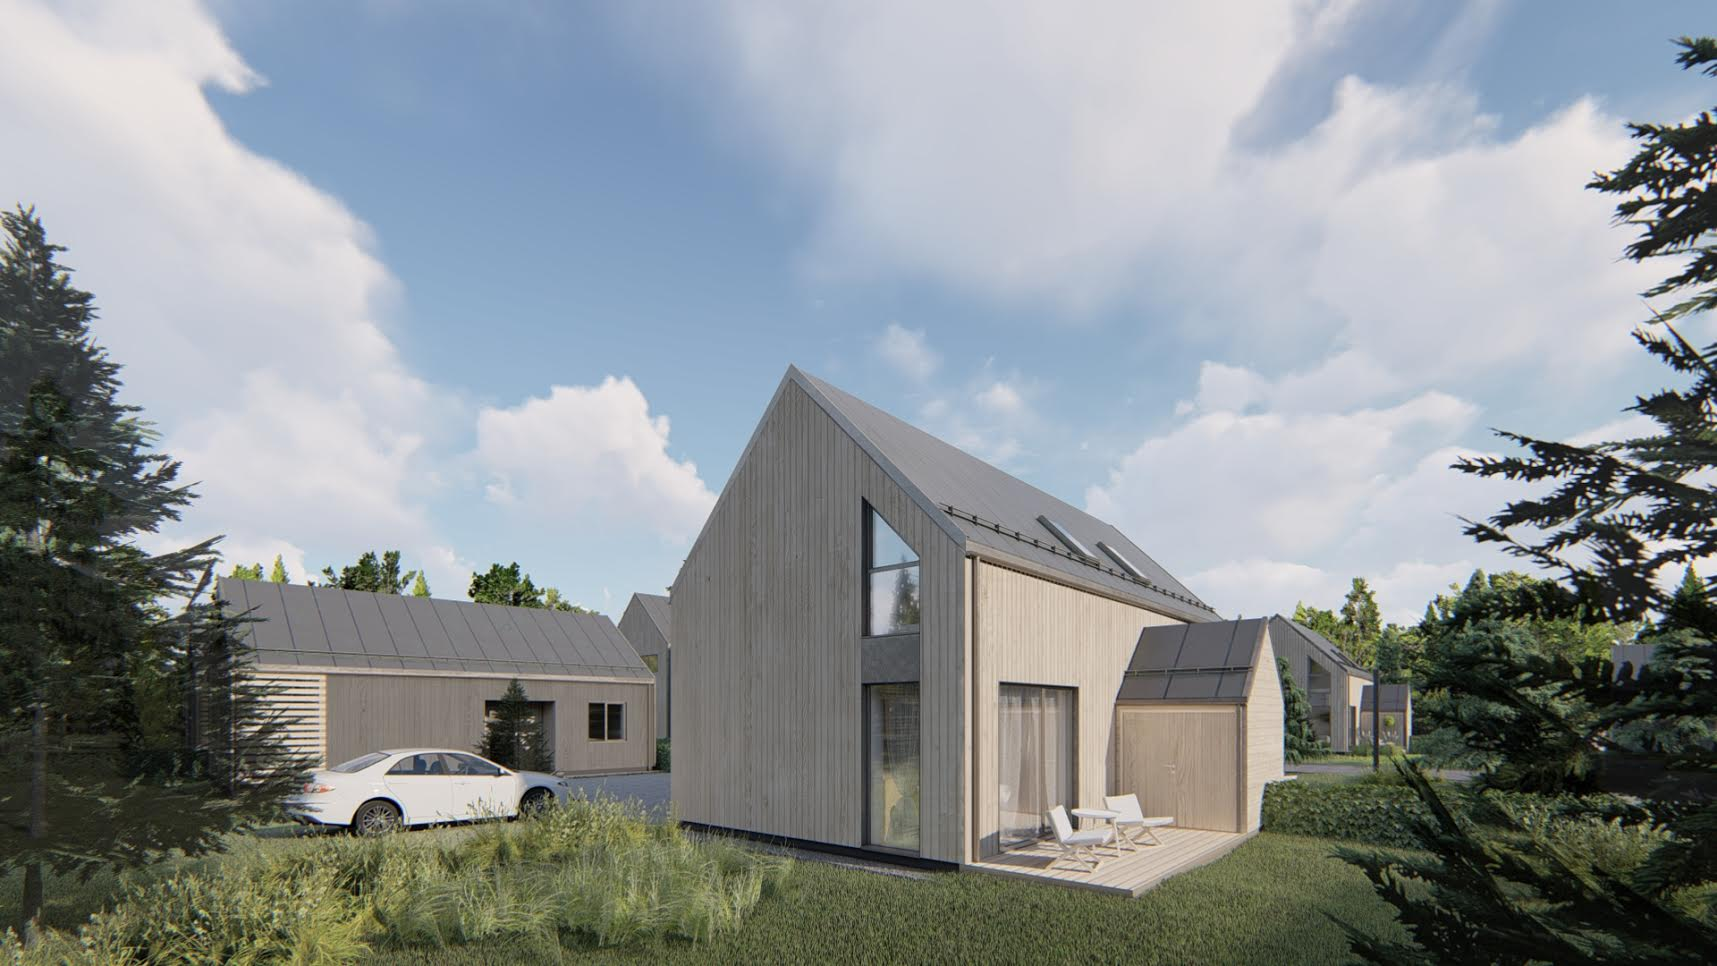 Gyvenamųjų namų projektavimo paslaugos - PST projektai